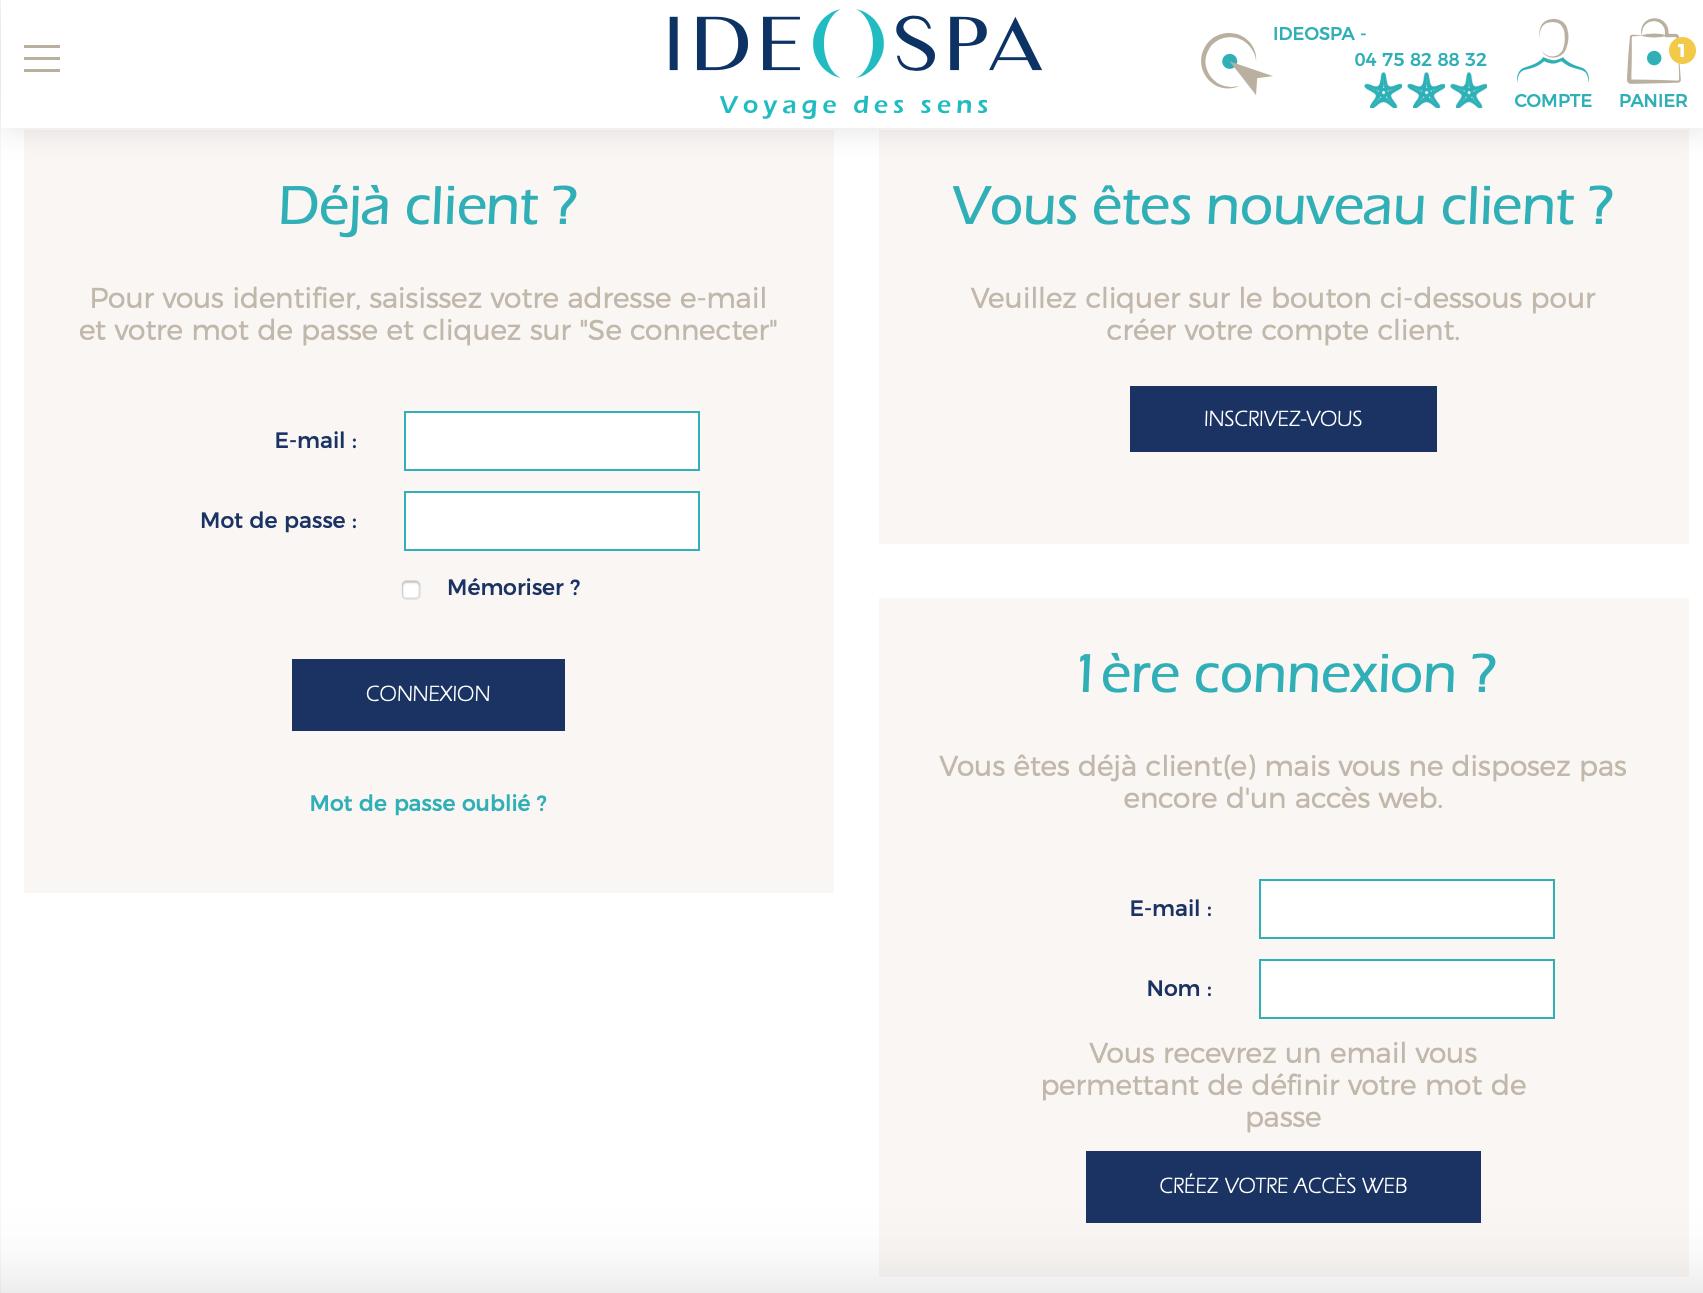 Création d'un compte client a chaque achat sur le site marchand.